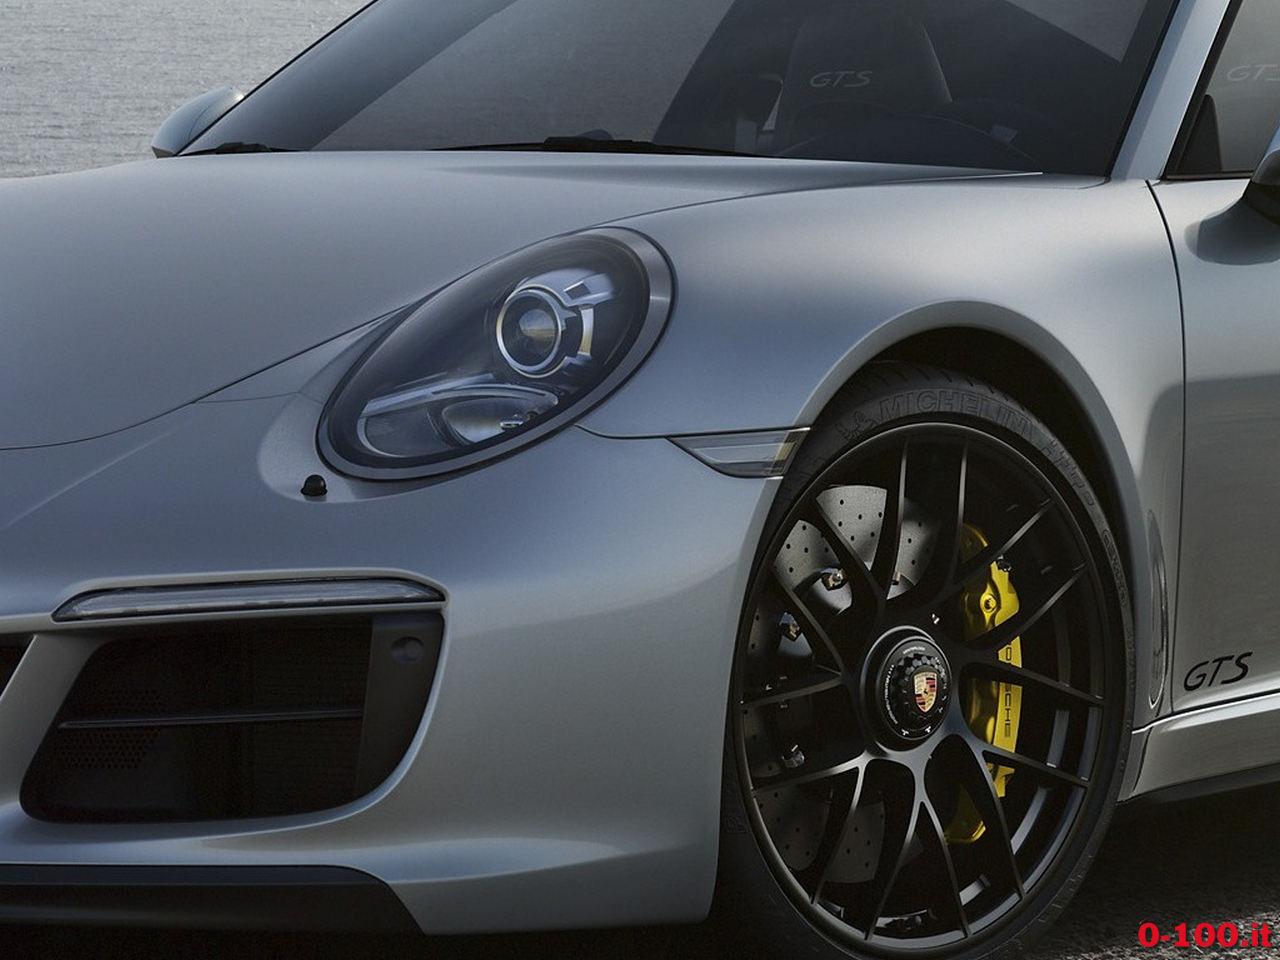 porsche_911-991-carrera-4-gts-coupe-targa-cabriolet-0-100_15